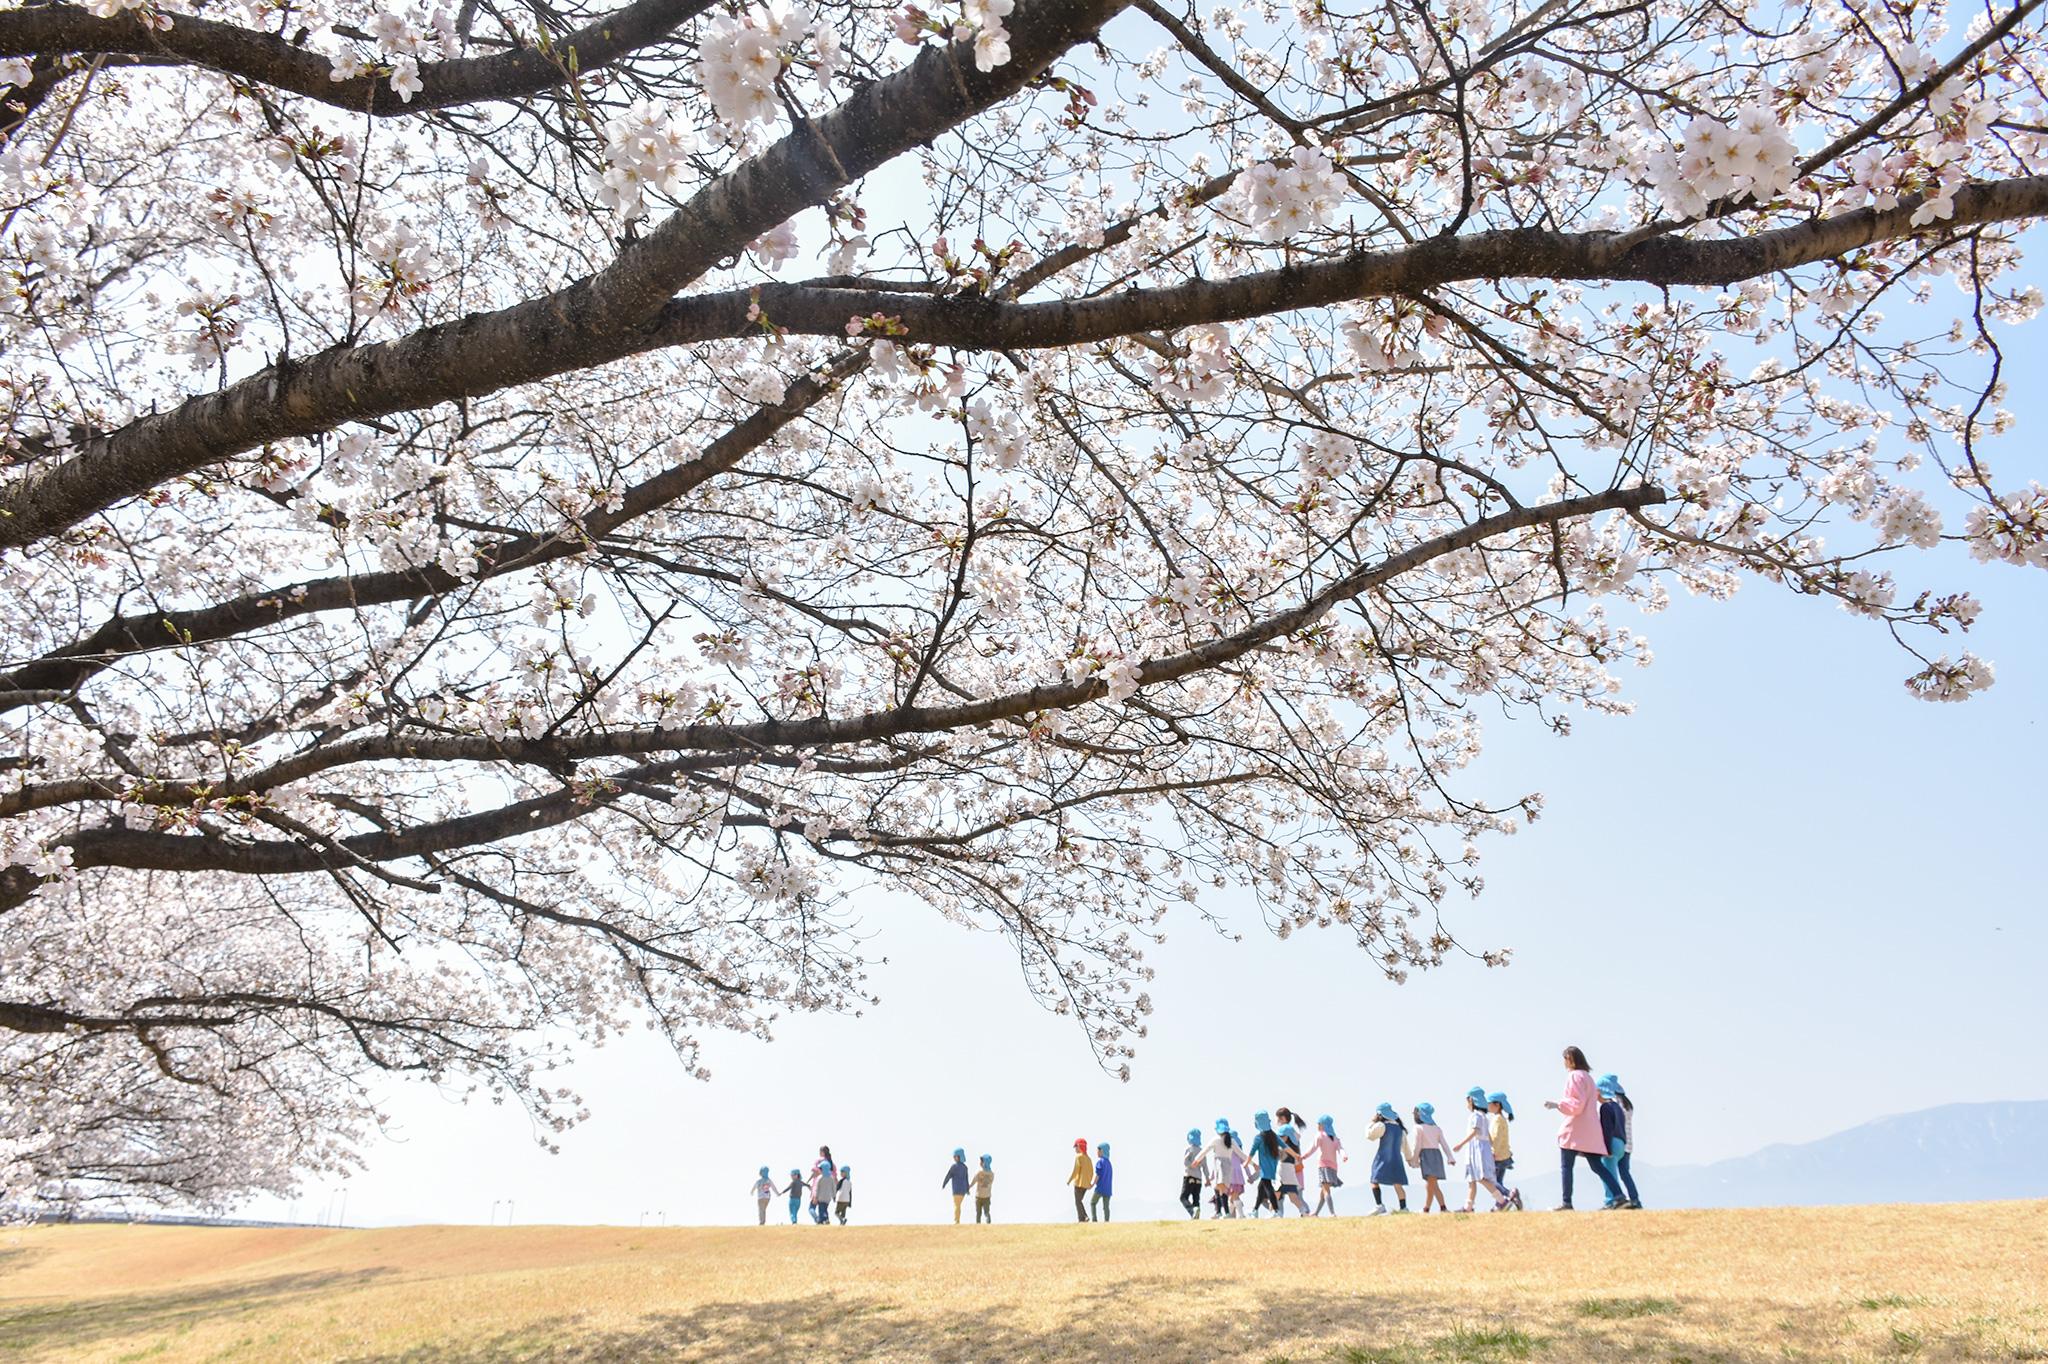 信玄堤公園の桜 写真5